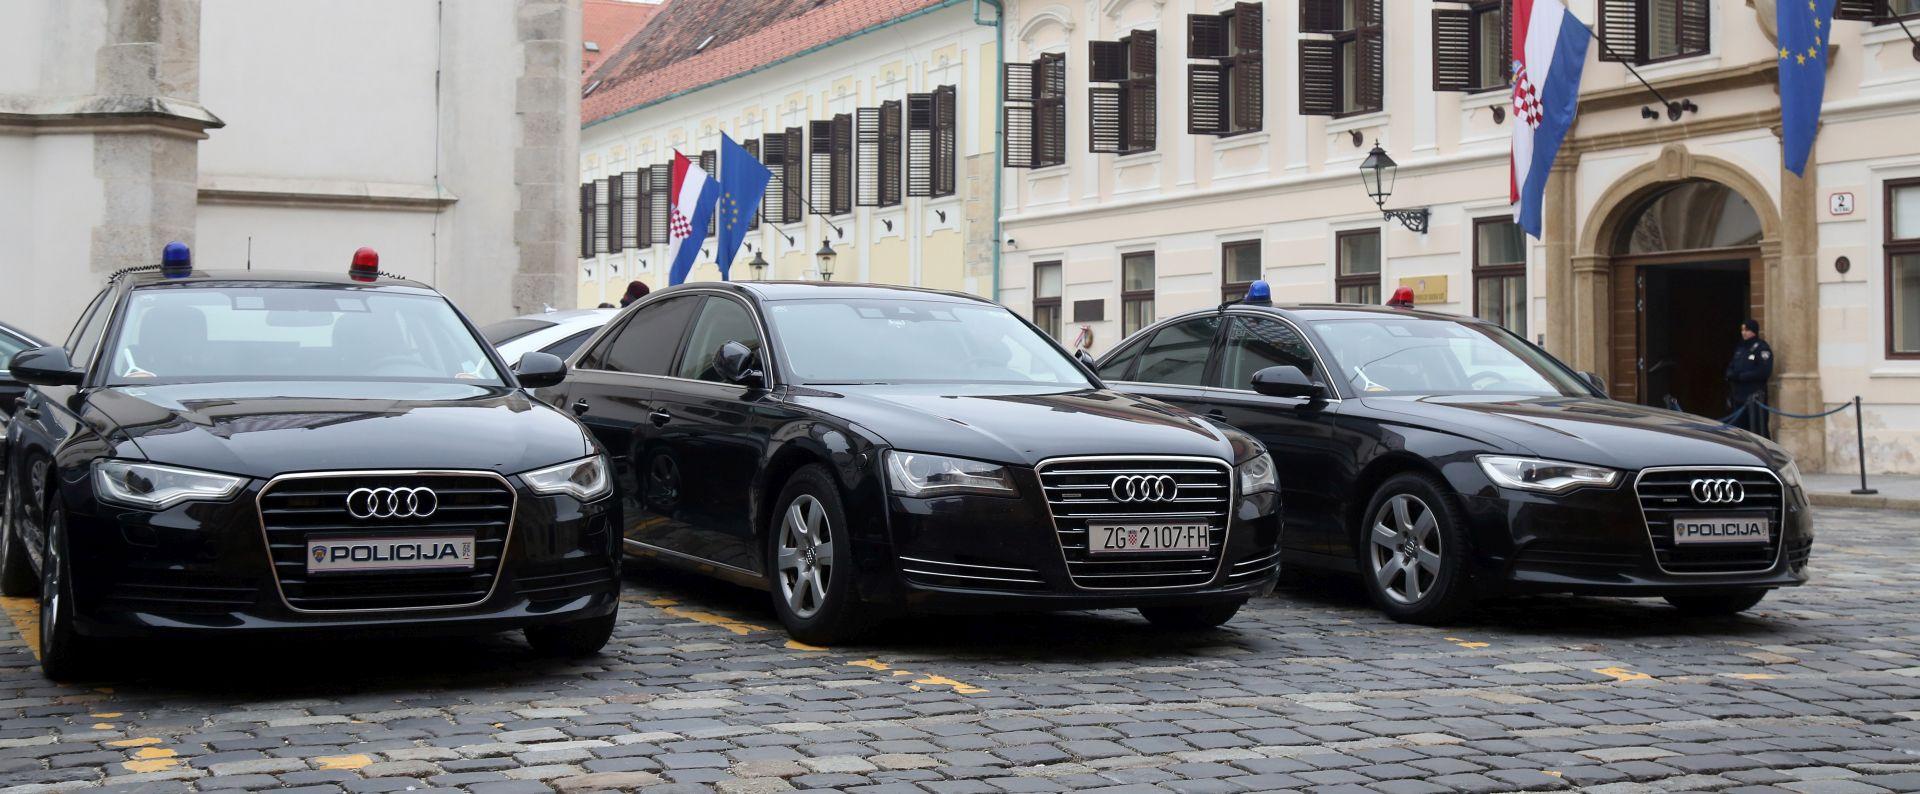 REVIZIJA Građani za službena vozila platili 366 milijuna kuna